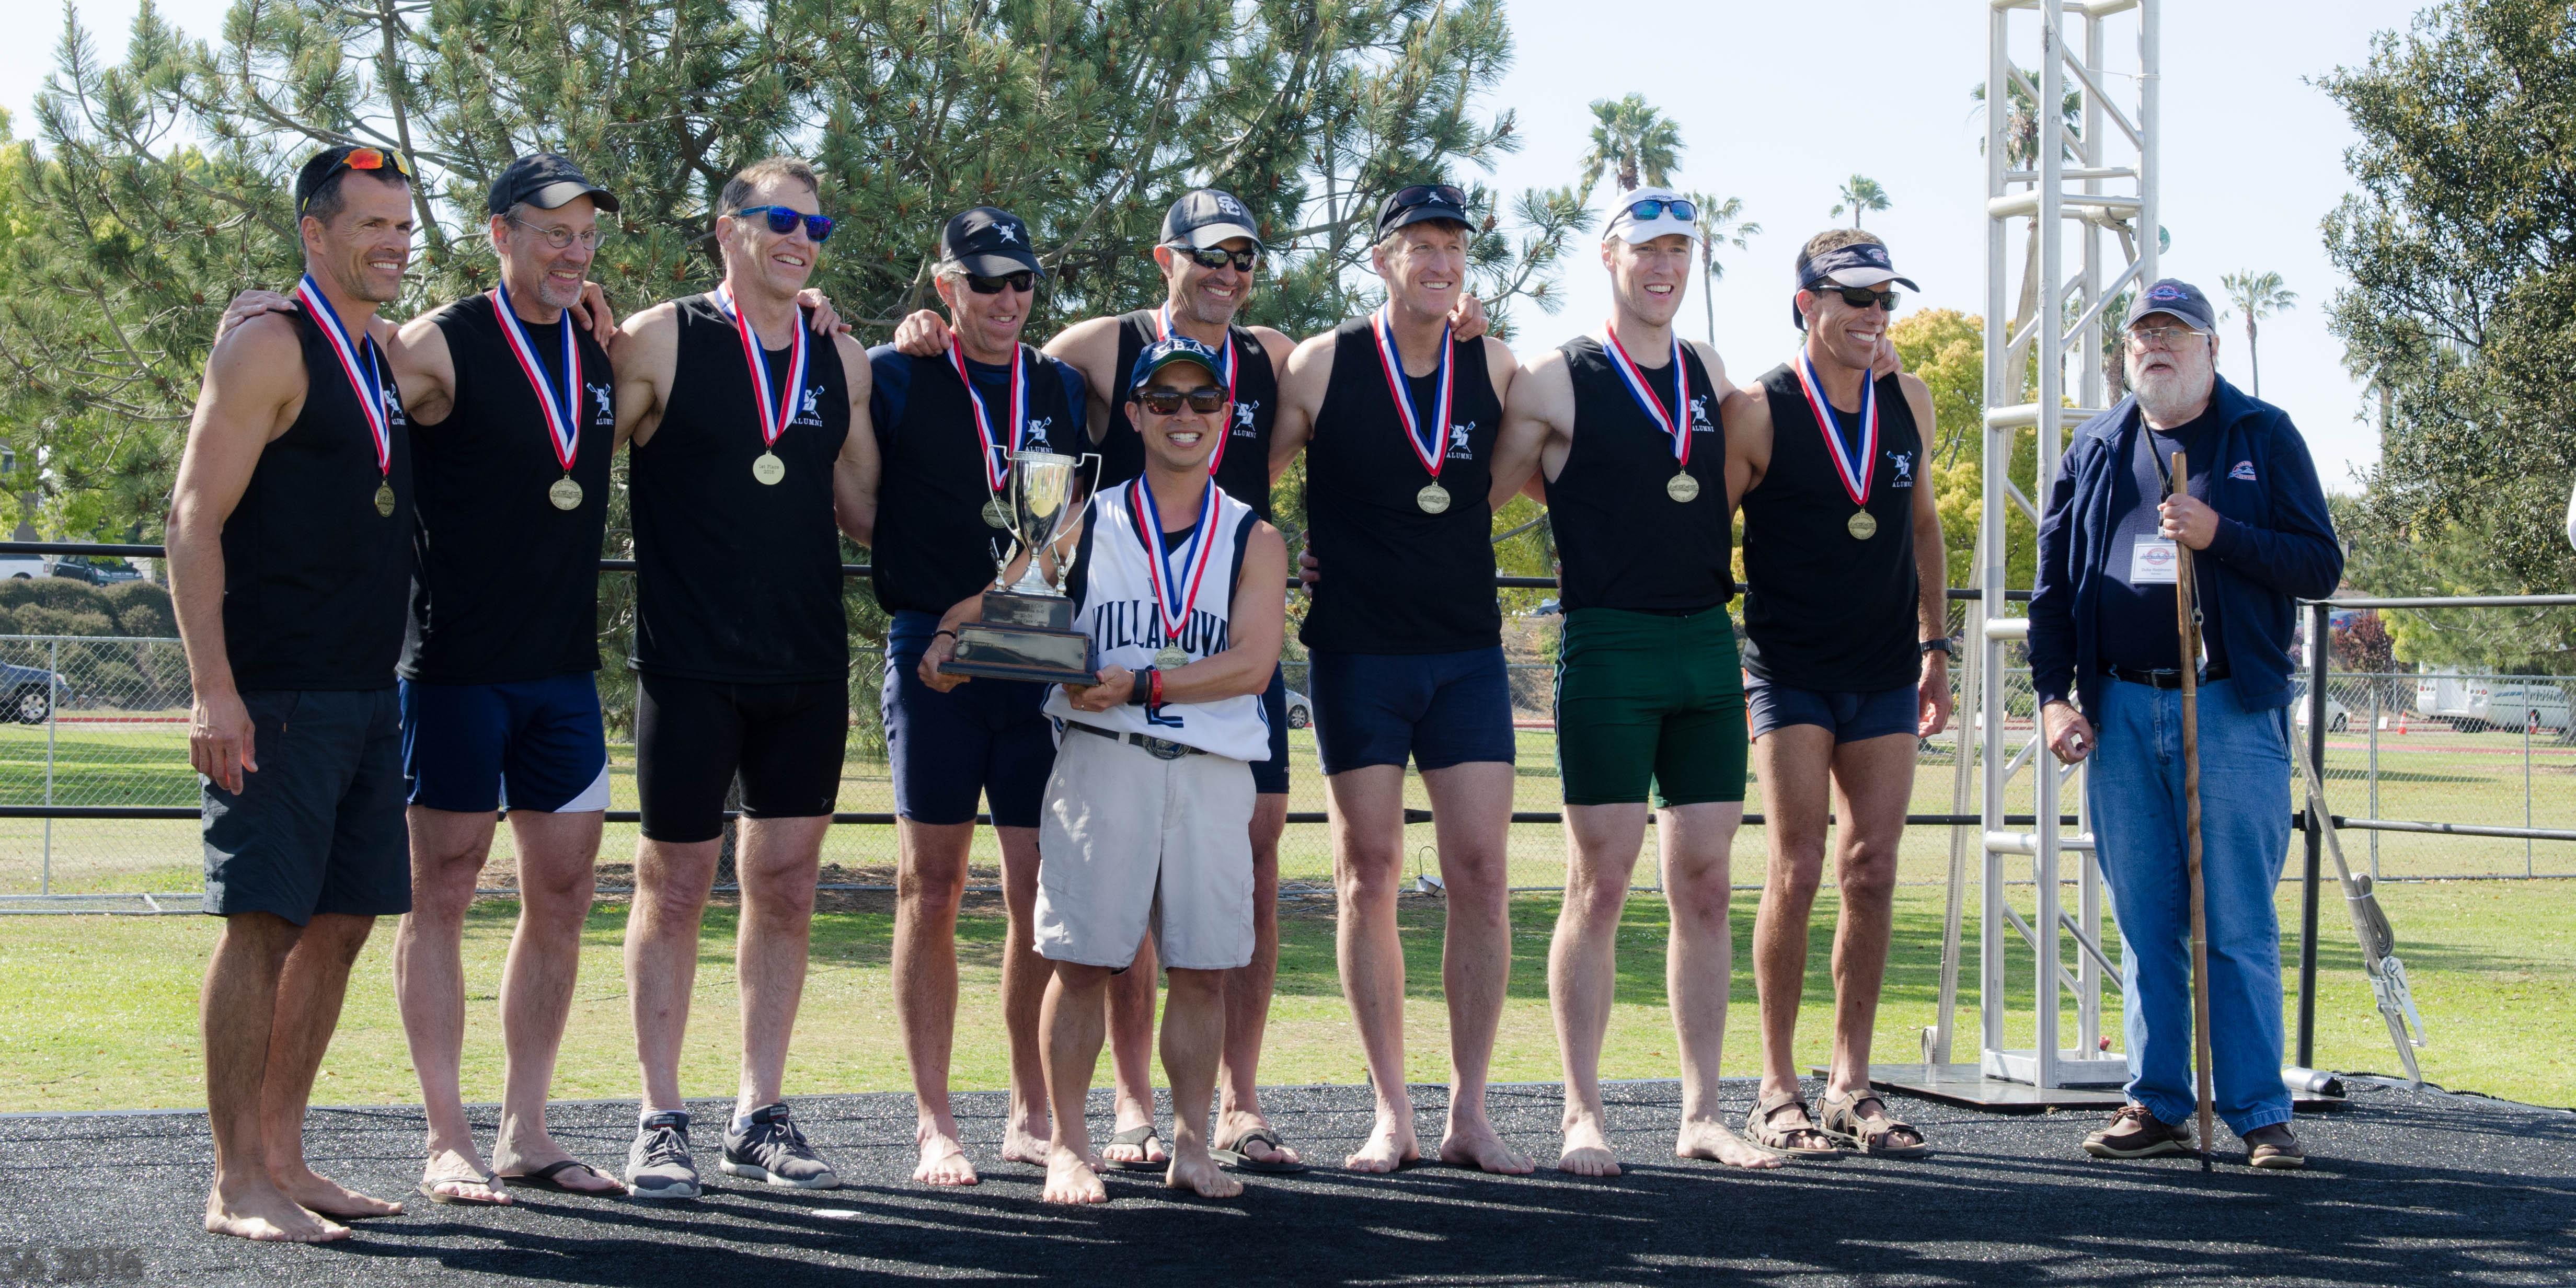 USD Rowing Alumni